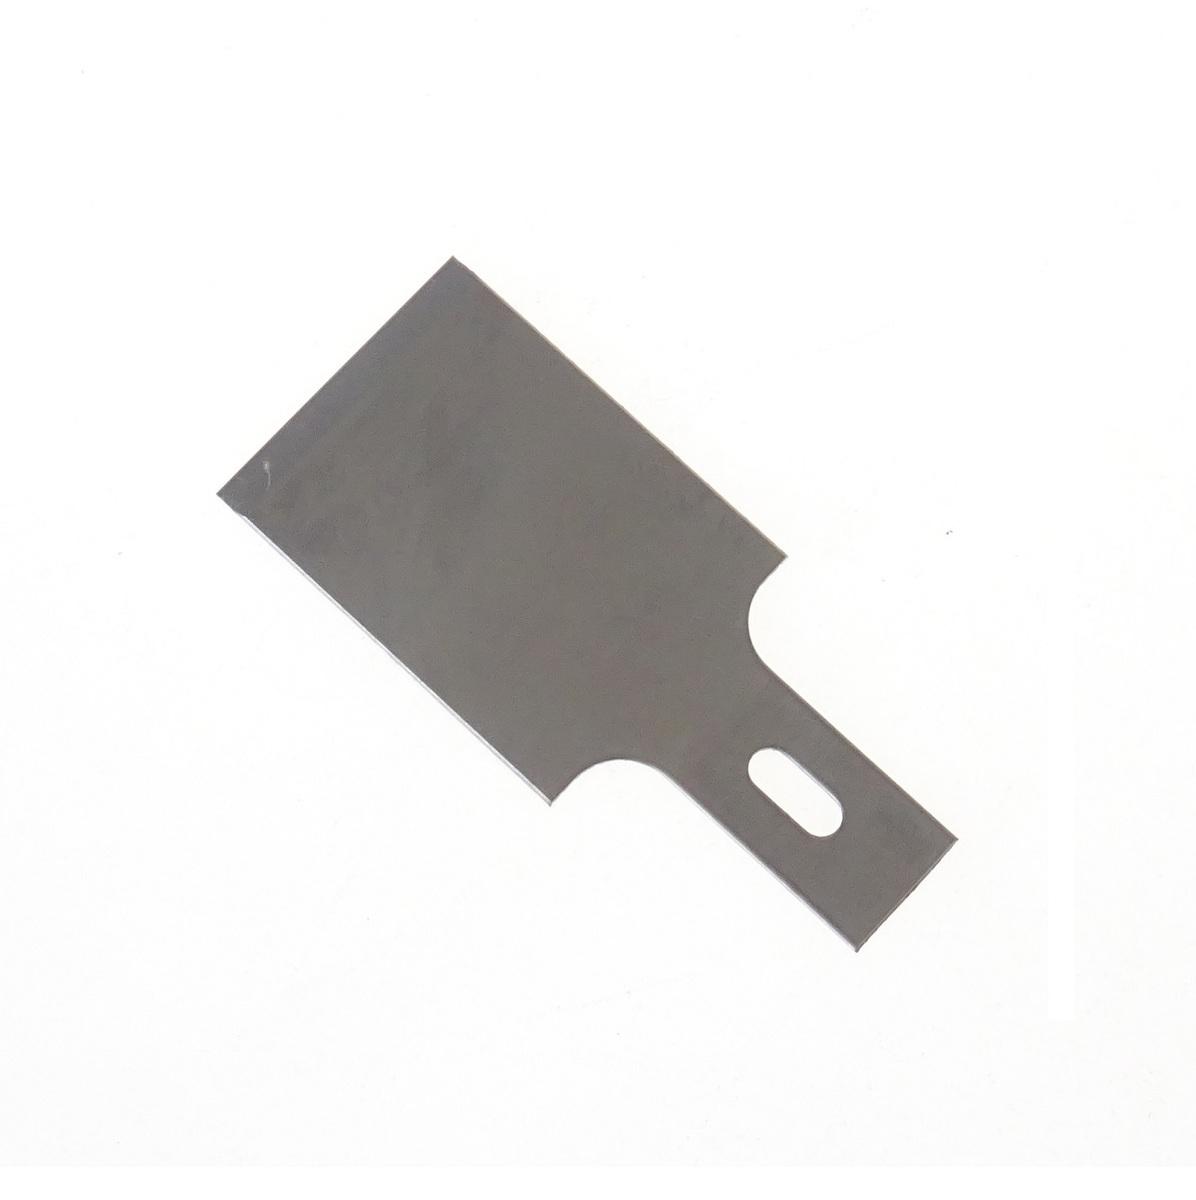 Náhradní čepel - škrabka 20 mm, rovná - JONNESWAY MKS27-20